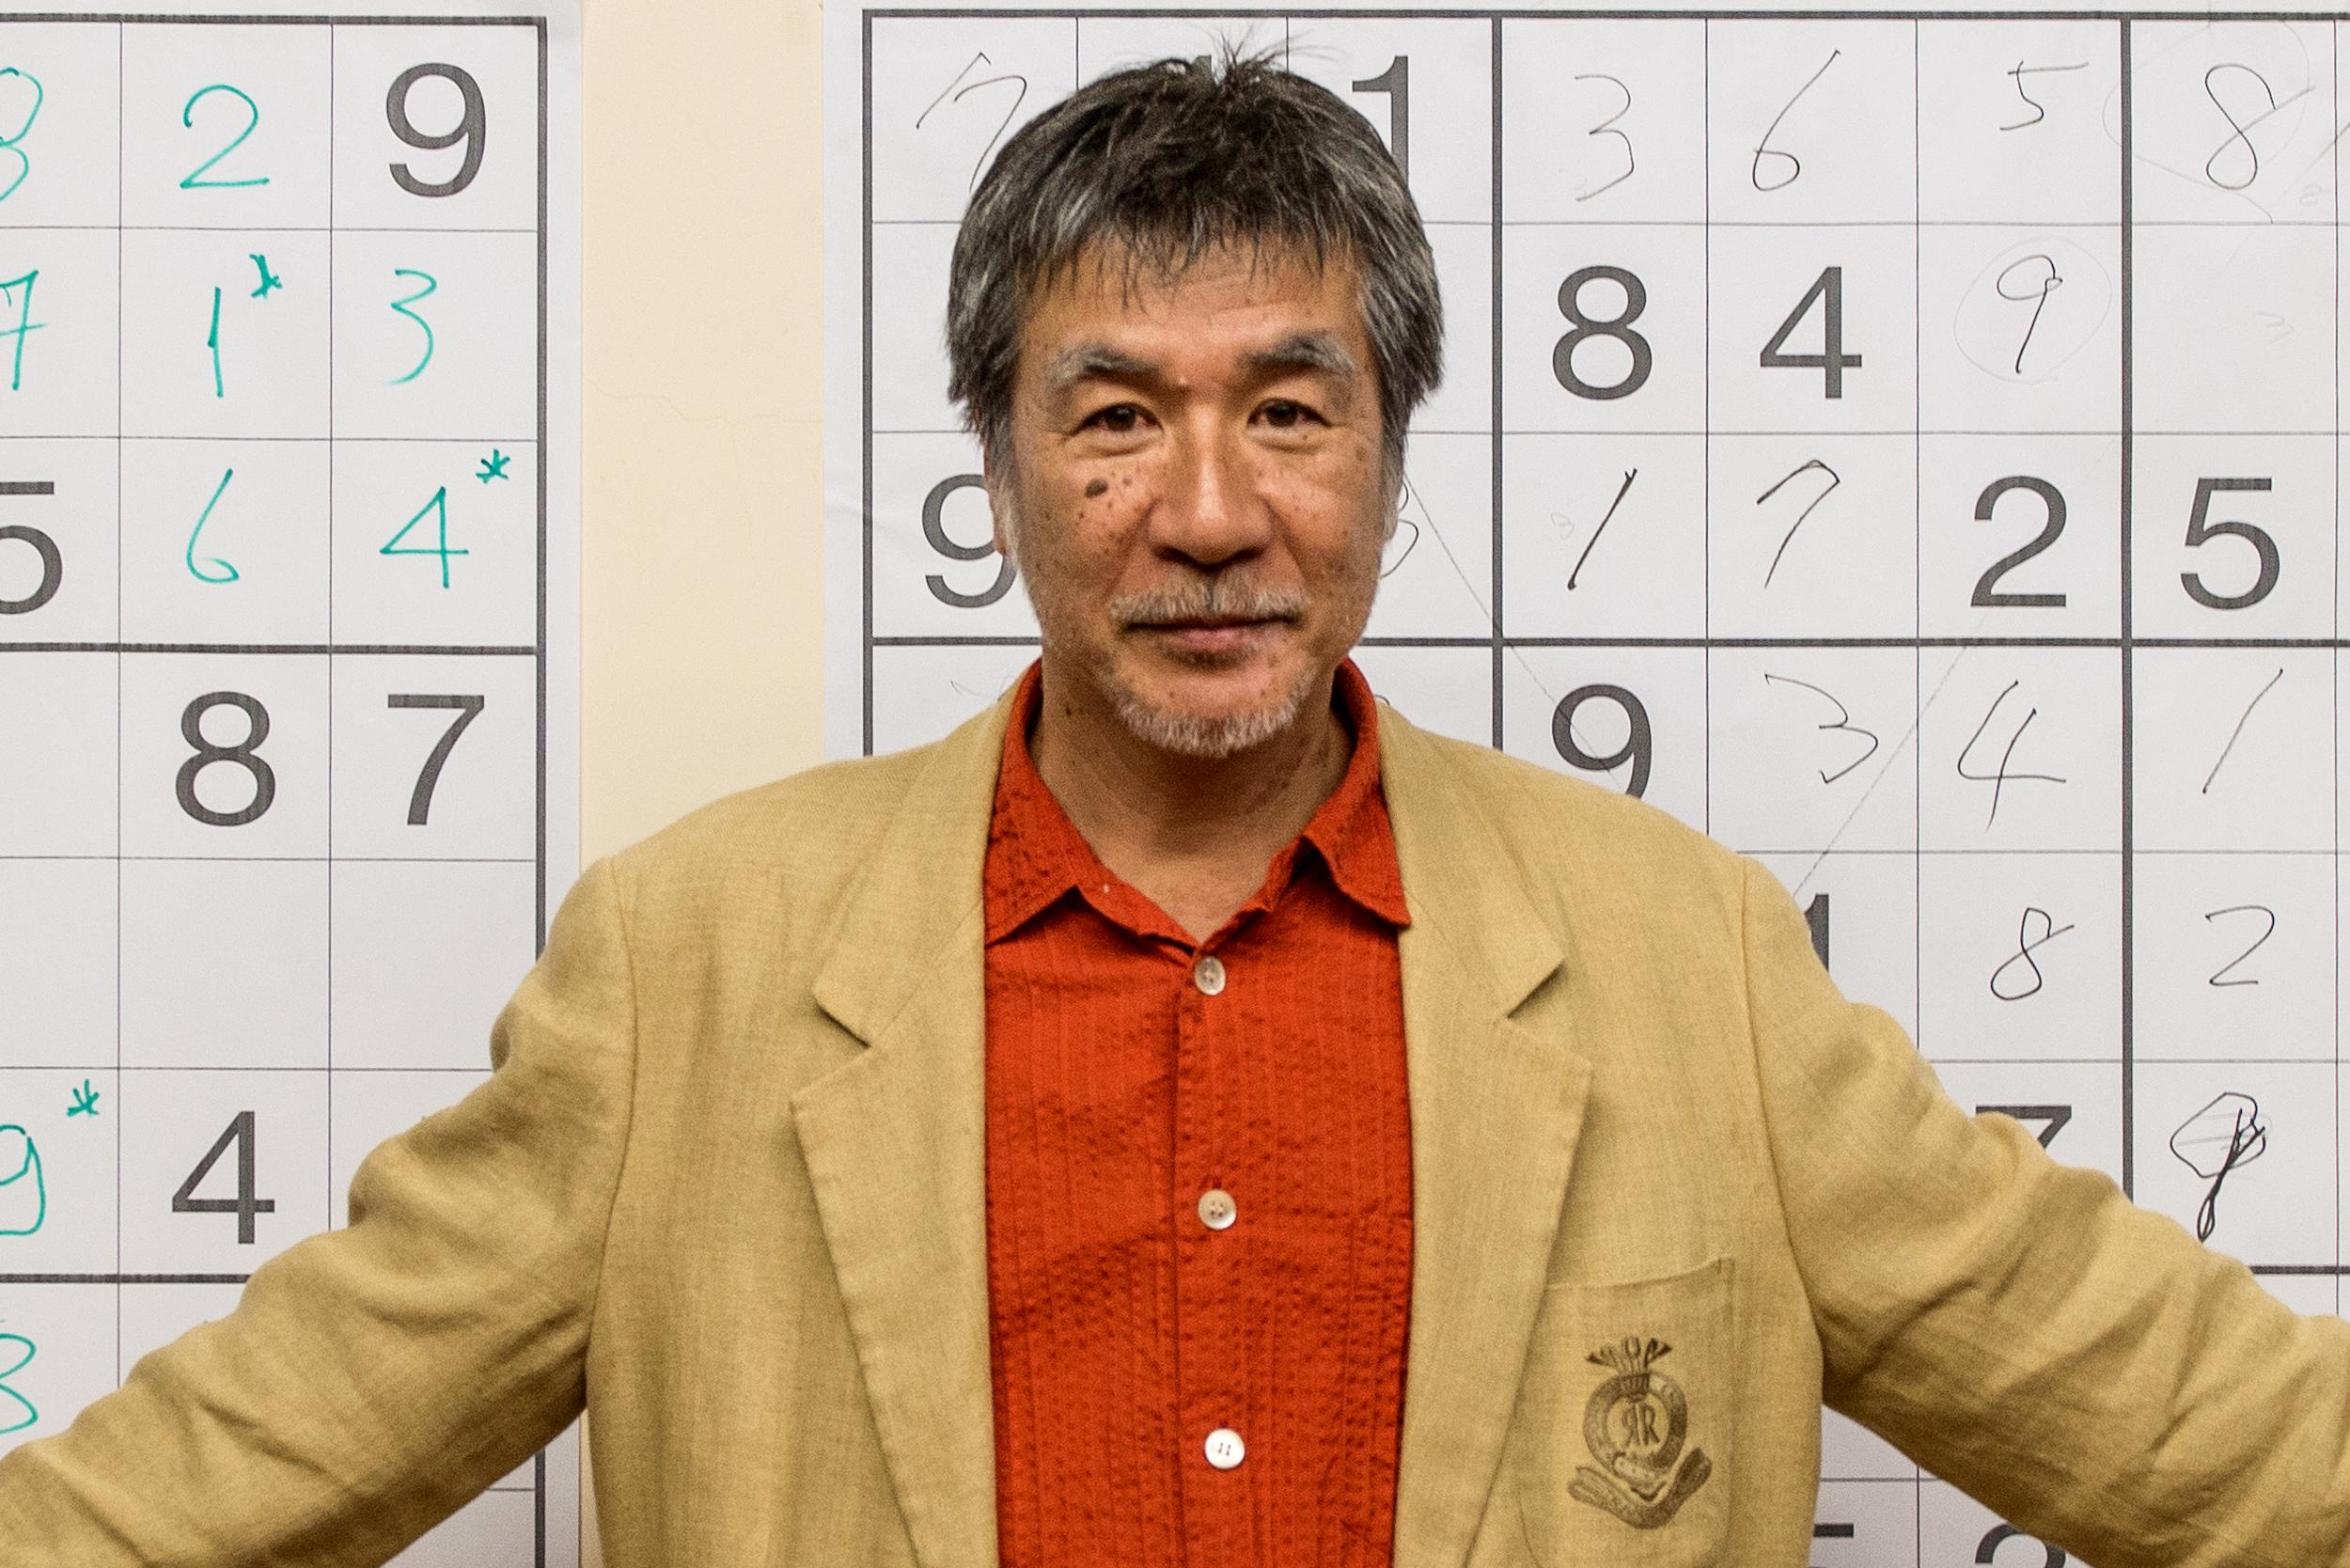 Sudoku maker Maki Kaji, who saw life's joy in puzzles, dies at 69